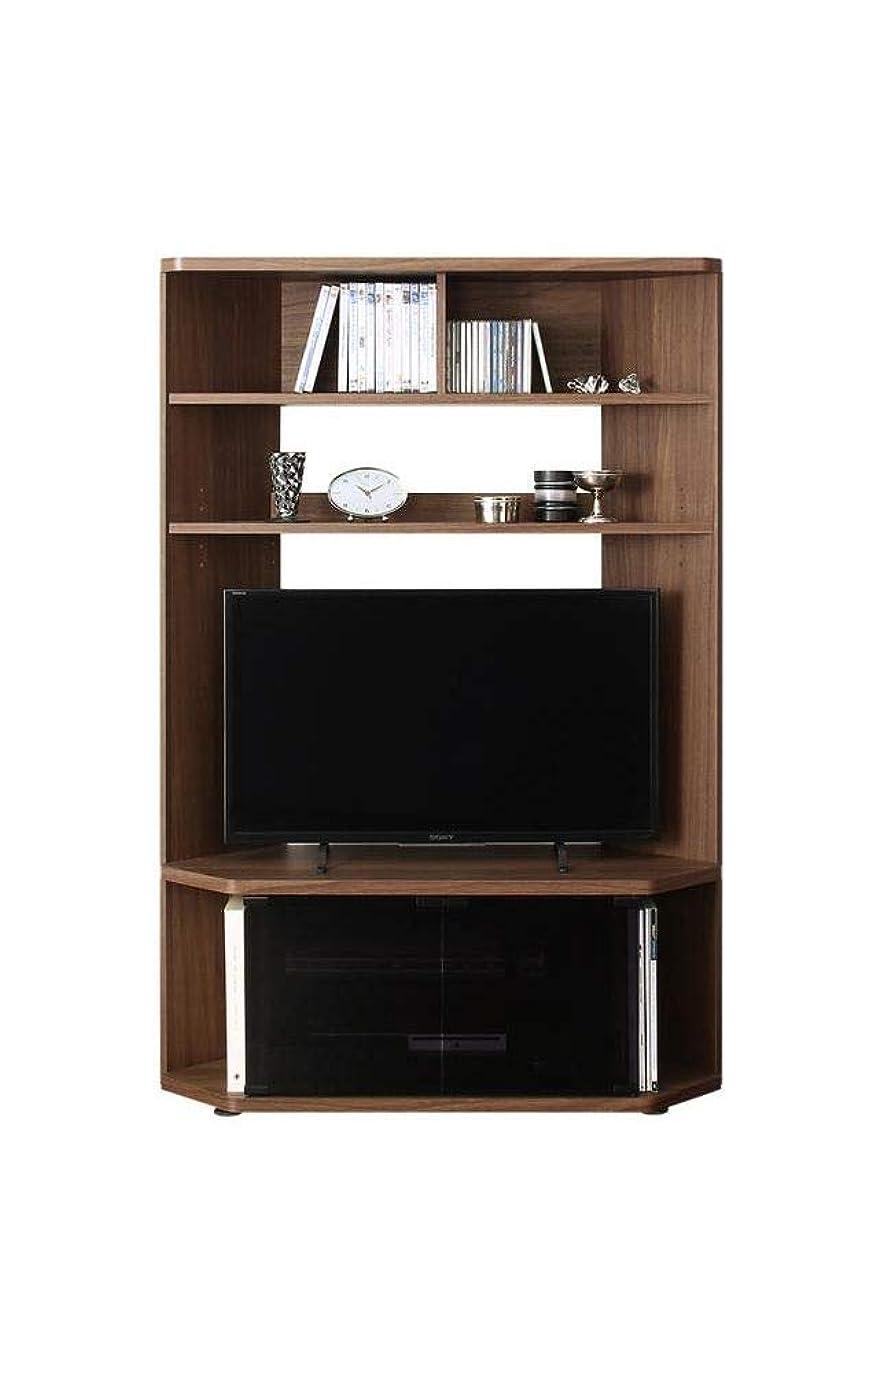 分同様にダッシュワンルームにも置ける超薄型スタイリッシュTVボード 40V対応可 キャスター付 コーナーにもフィット (ブラウン)